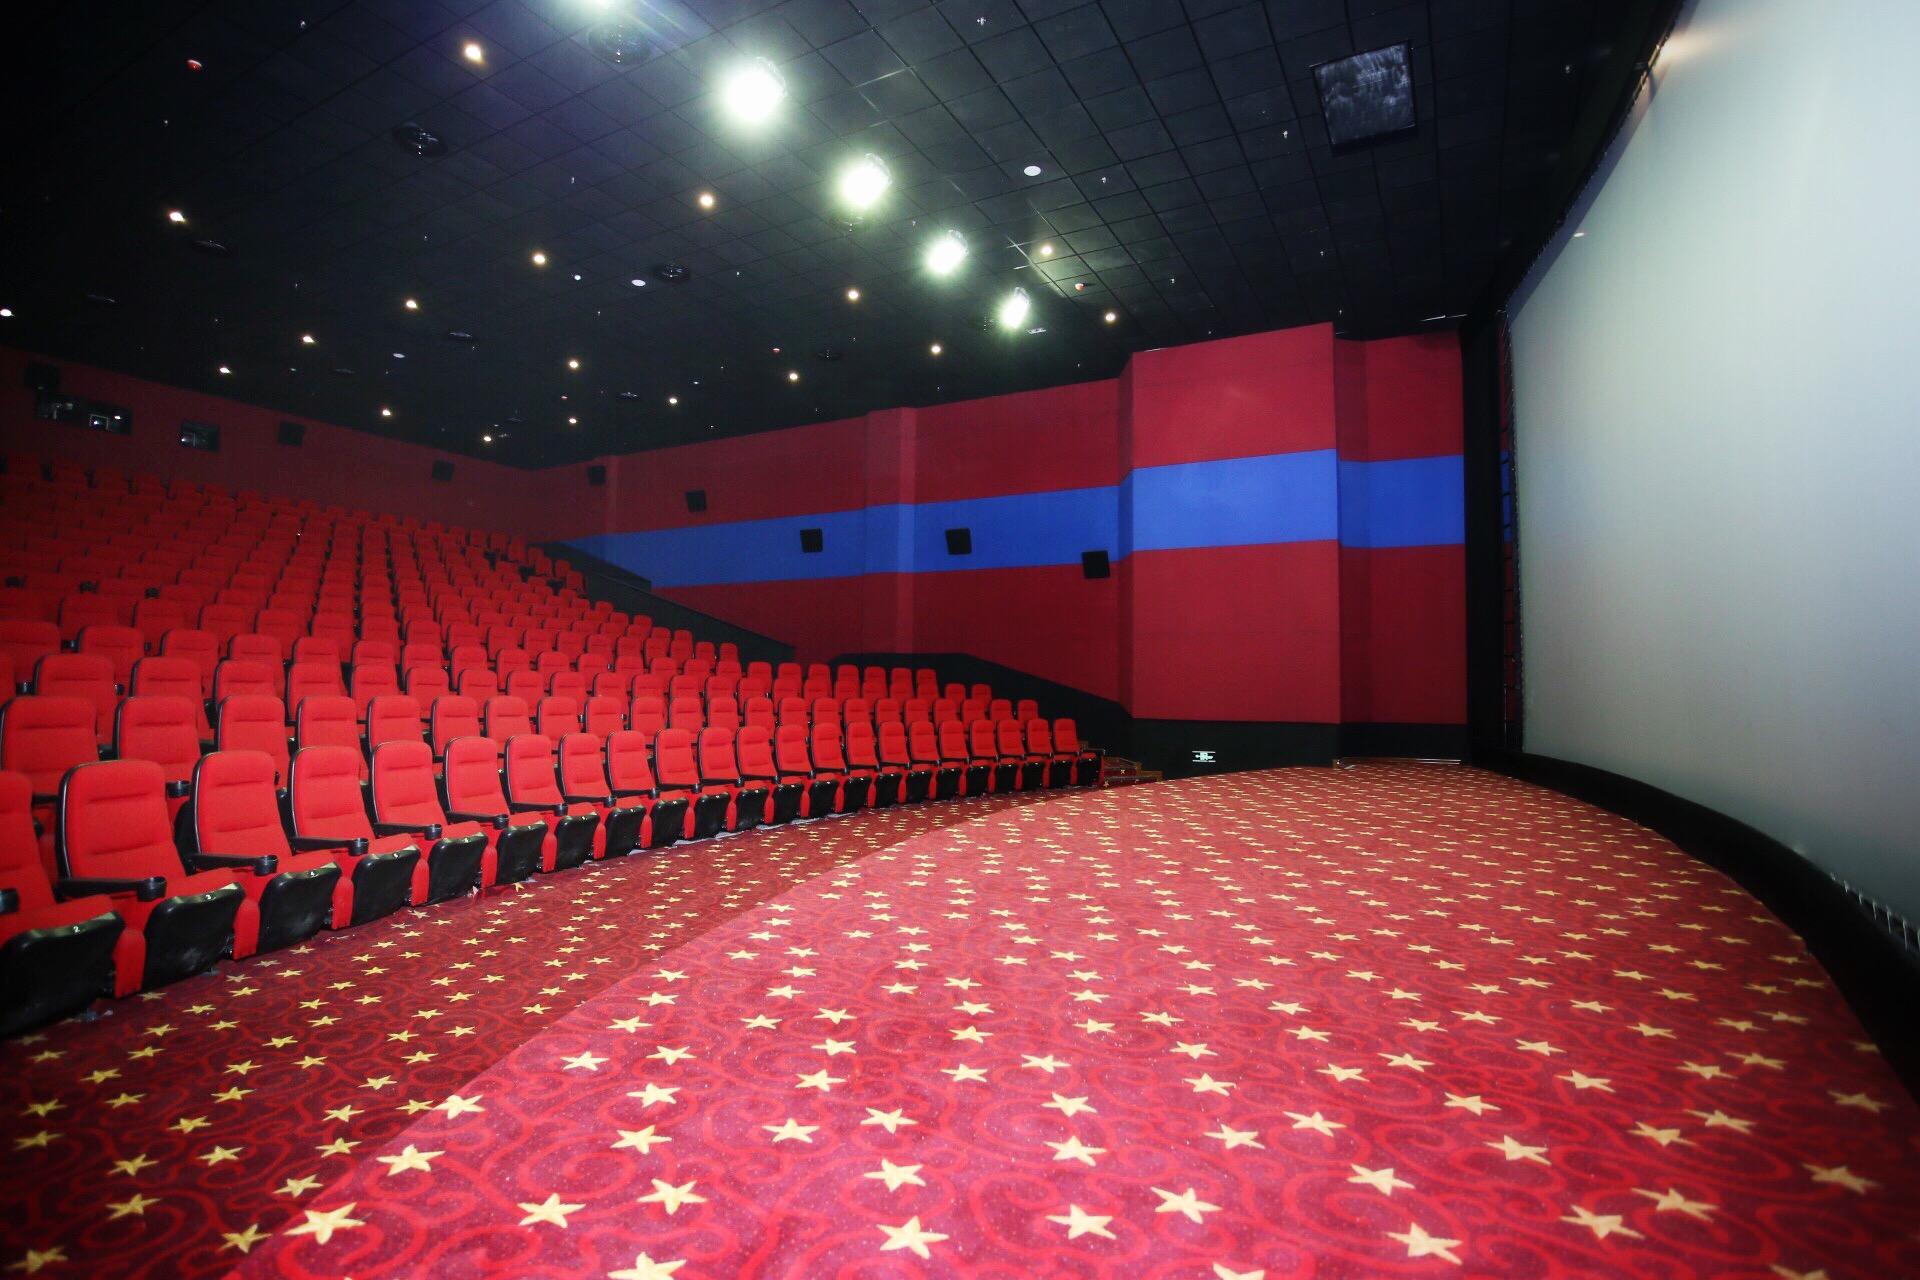 横店电影院_3月4日下午,位于杭州市江干区丁兰广场c区的丁桥横店电影城正式开业